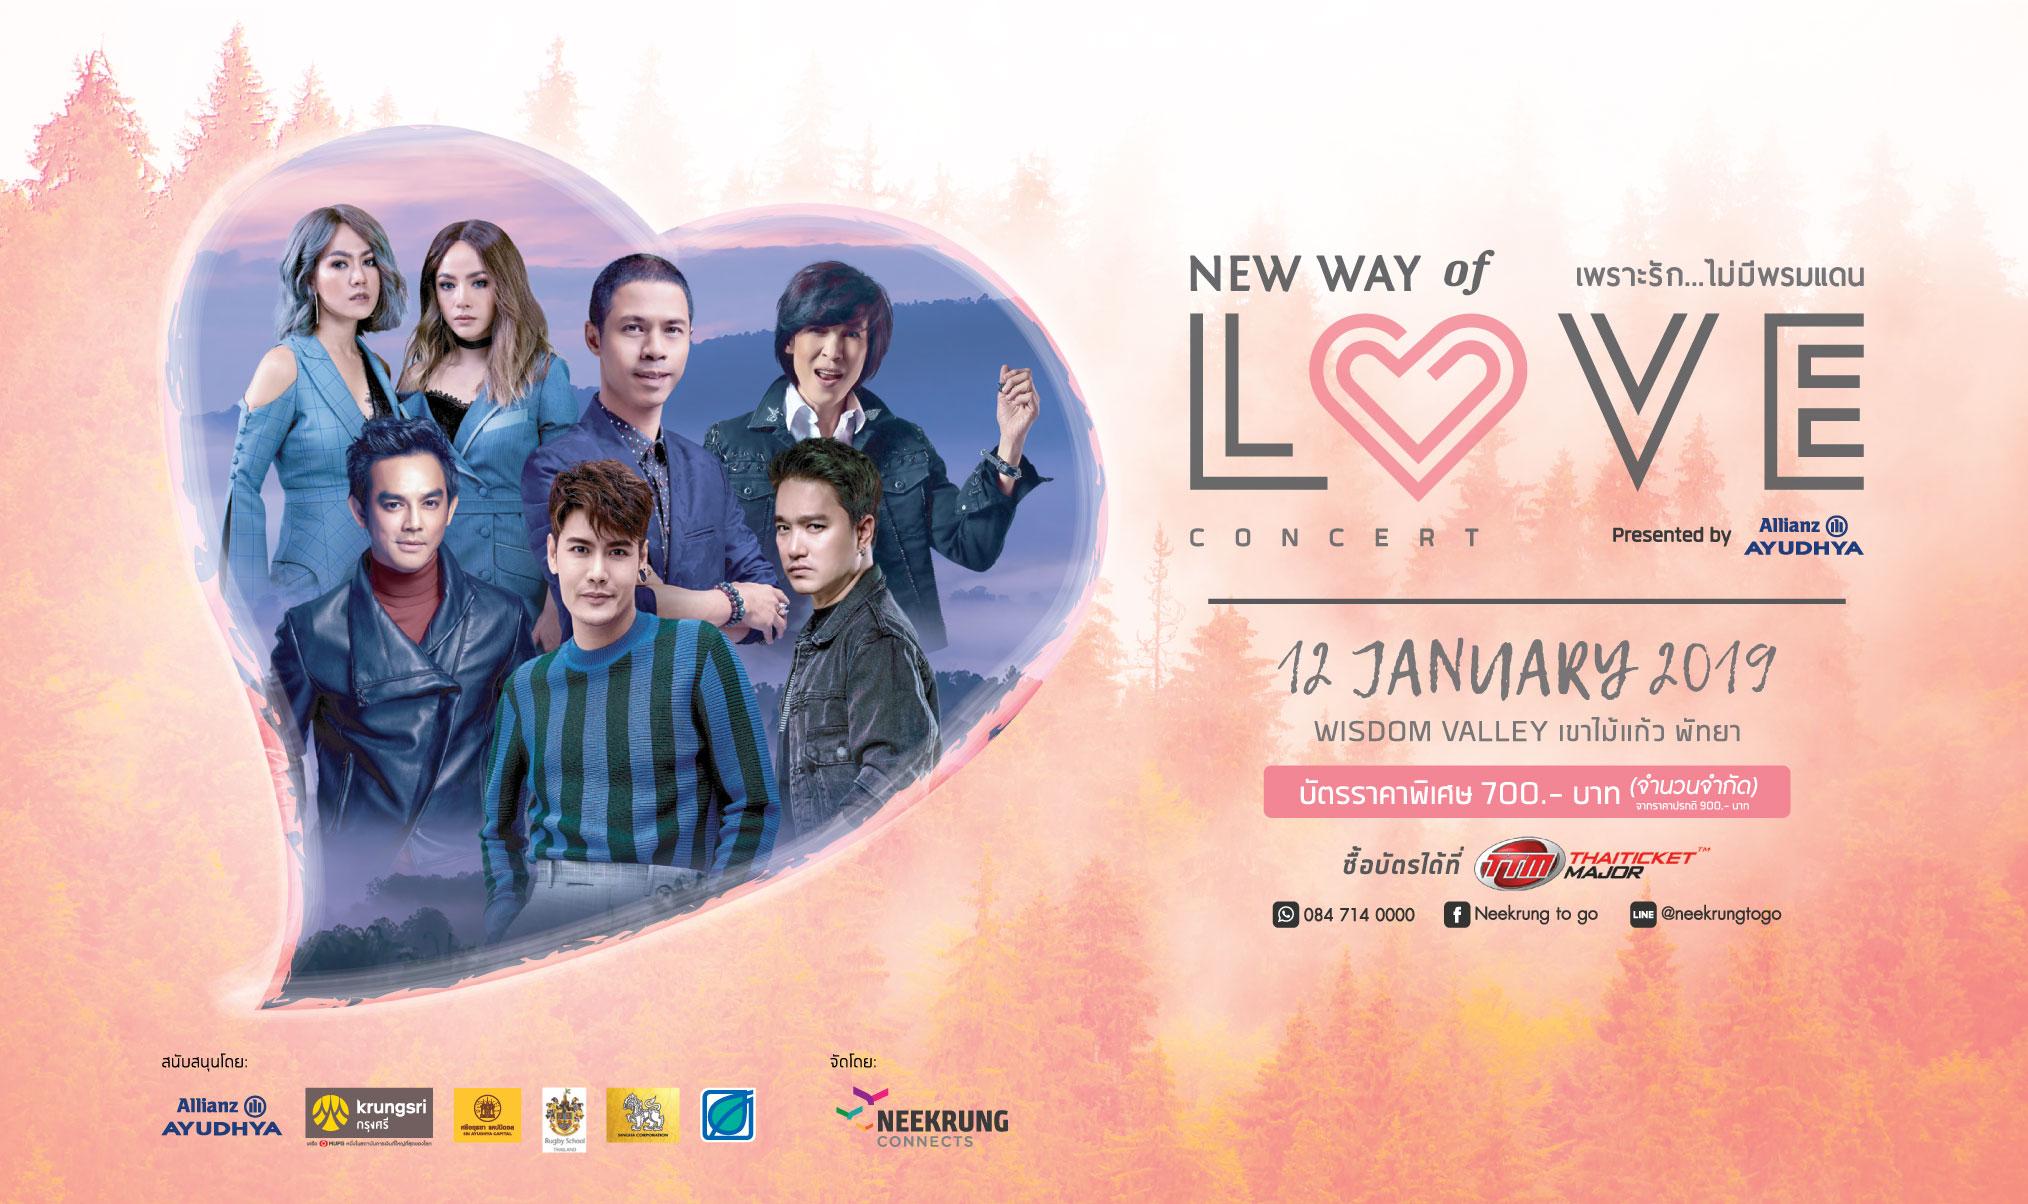 คอนเสิร์ตหนีกรุง NEW WAY of LOVE concert เพราะรักไม่มีพรมแดน 12 มกราคม 2562 Wisdom Valley เขาไม้แก้ว พัทยา